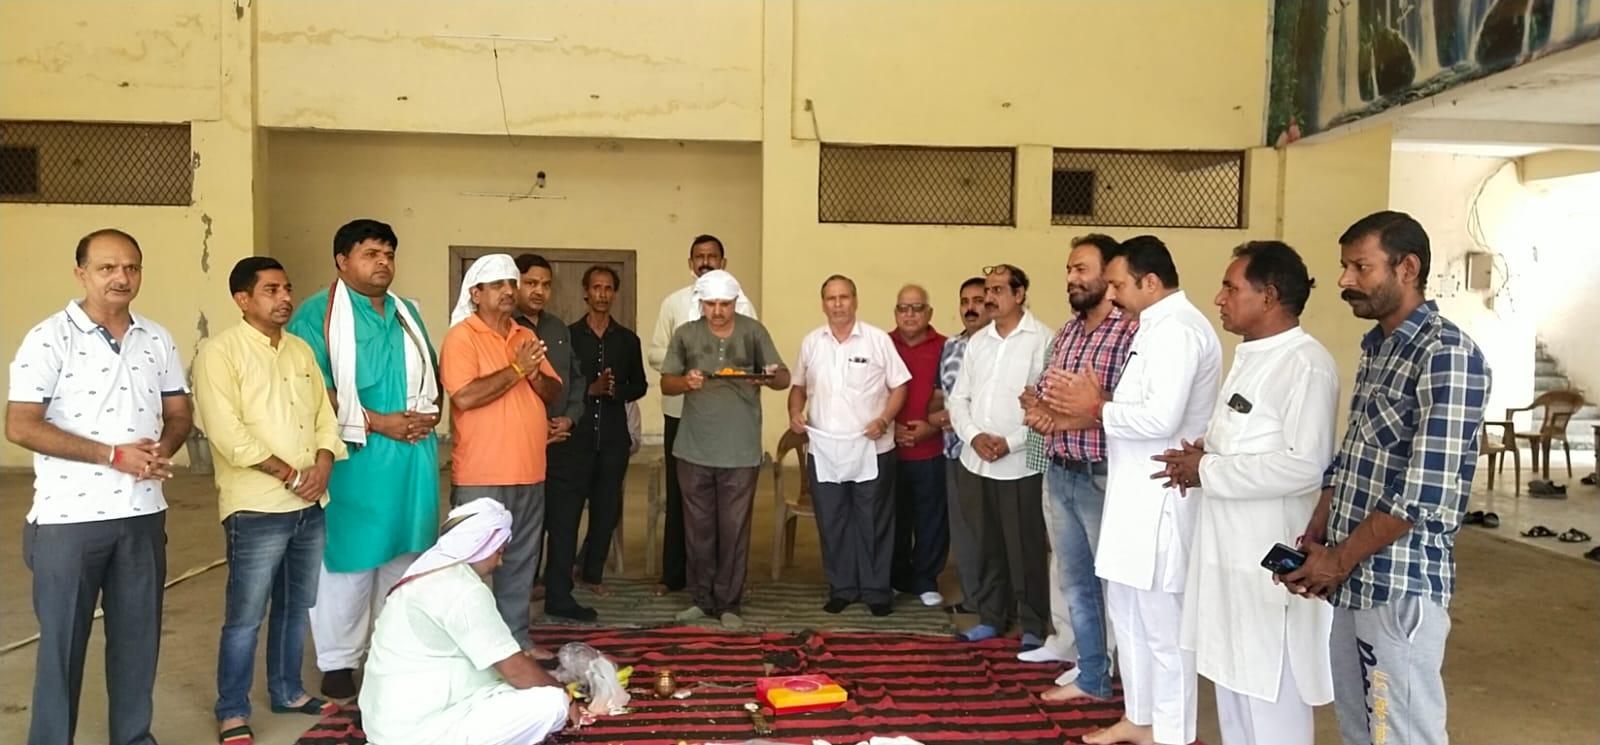 नगर के मुख्य रामलीला में हुई मंच पूजा, 5 अक्टूबर से होगी भव्य रामलीला